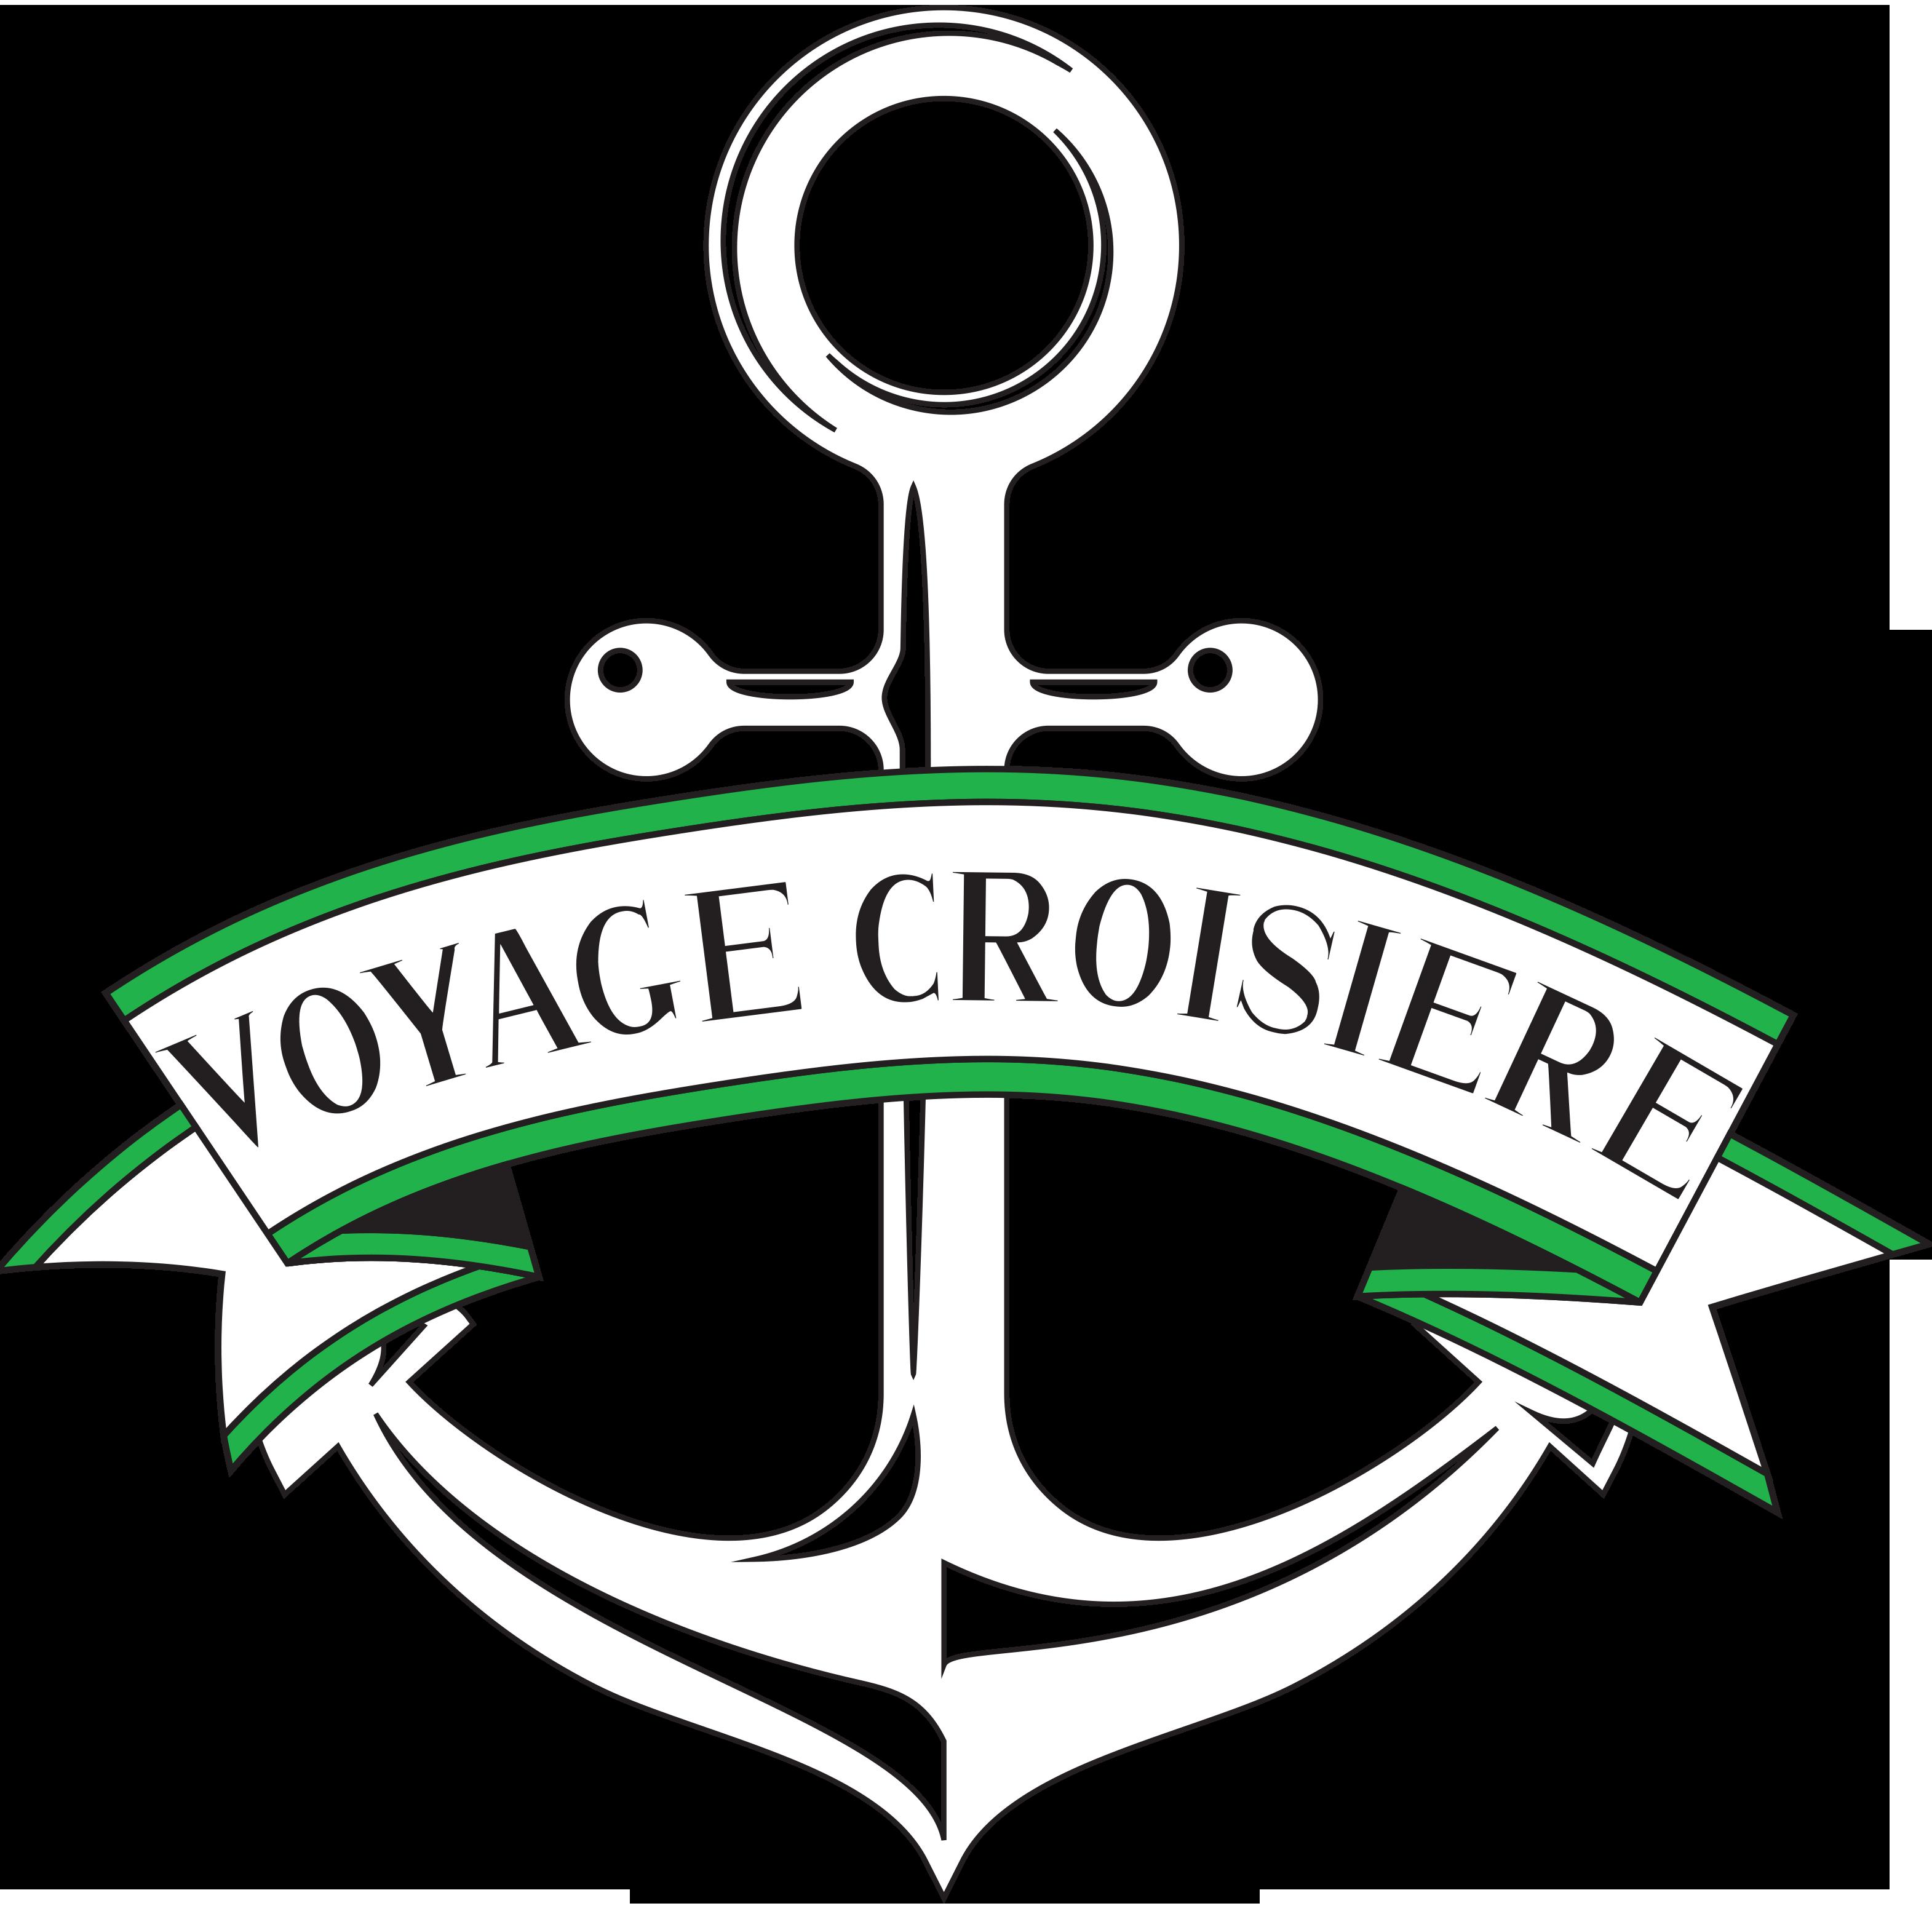 Blog Voyage Croisière